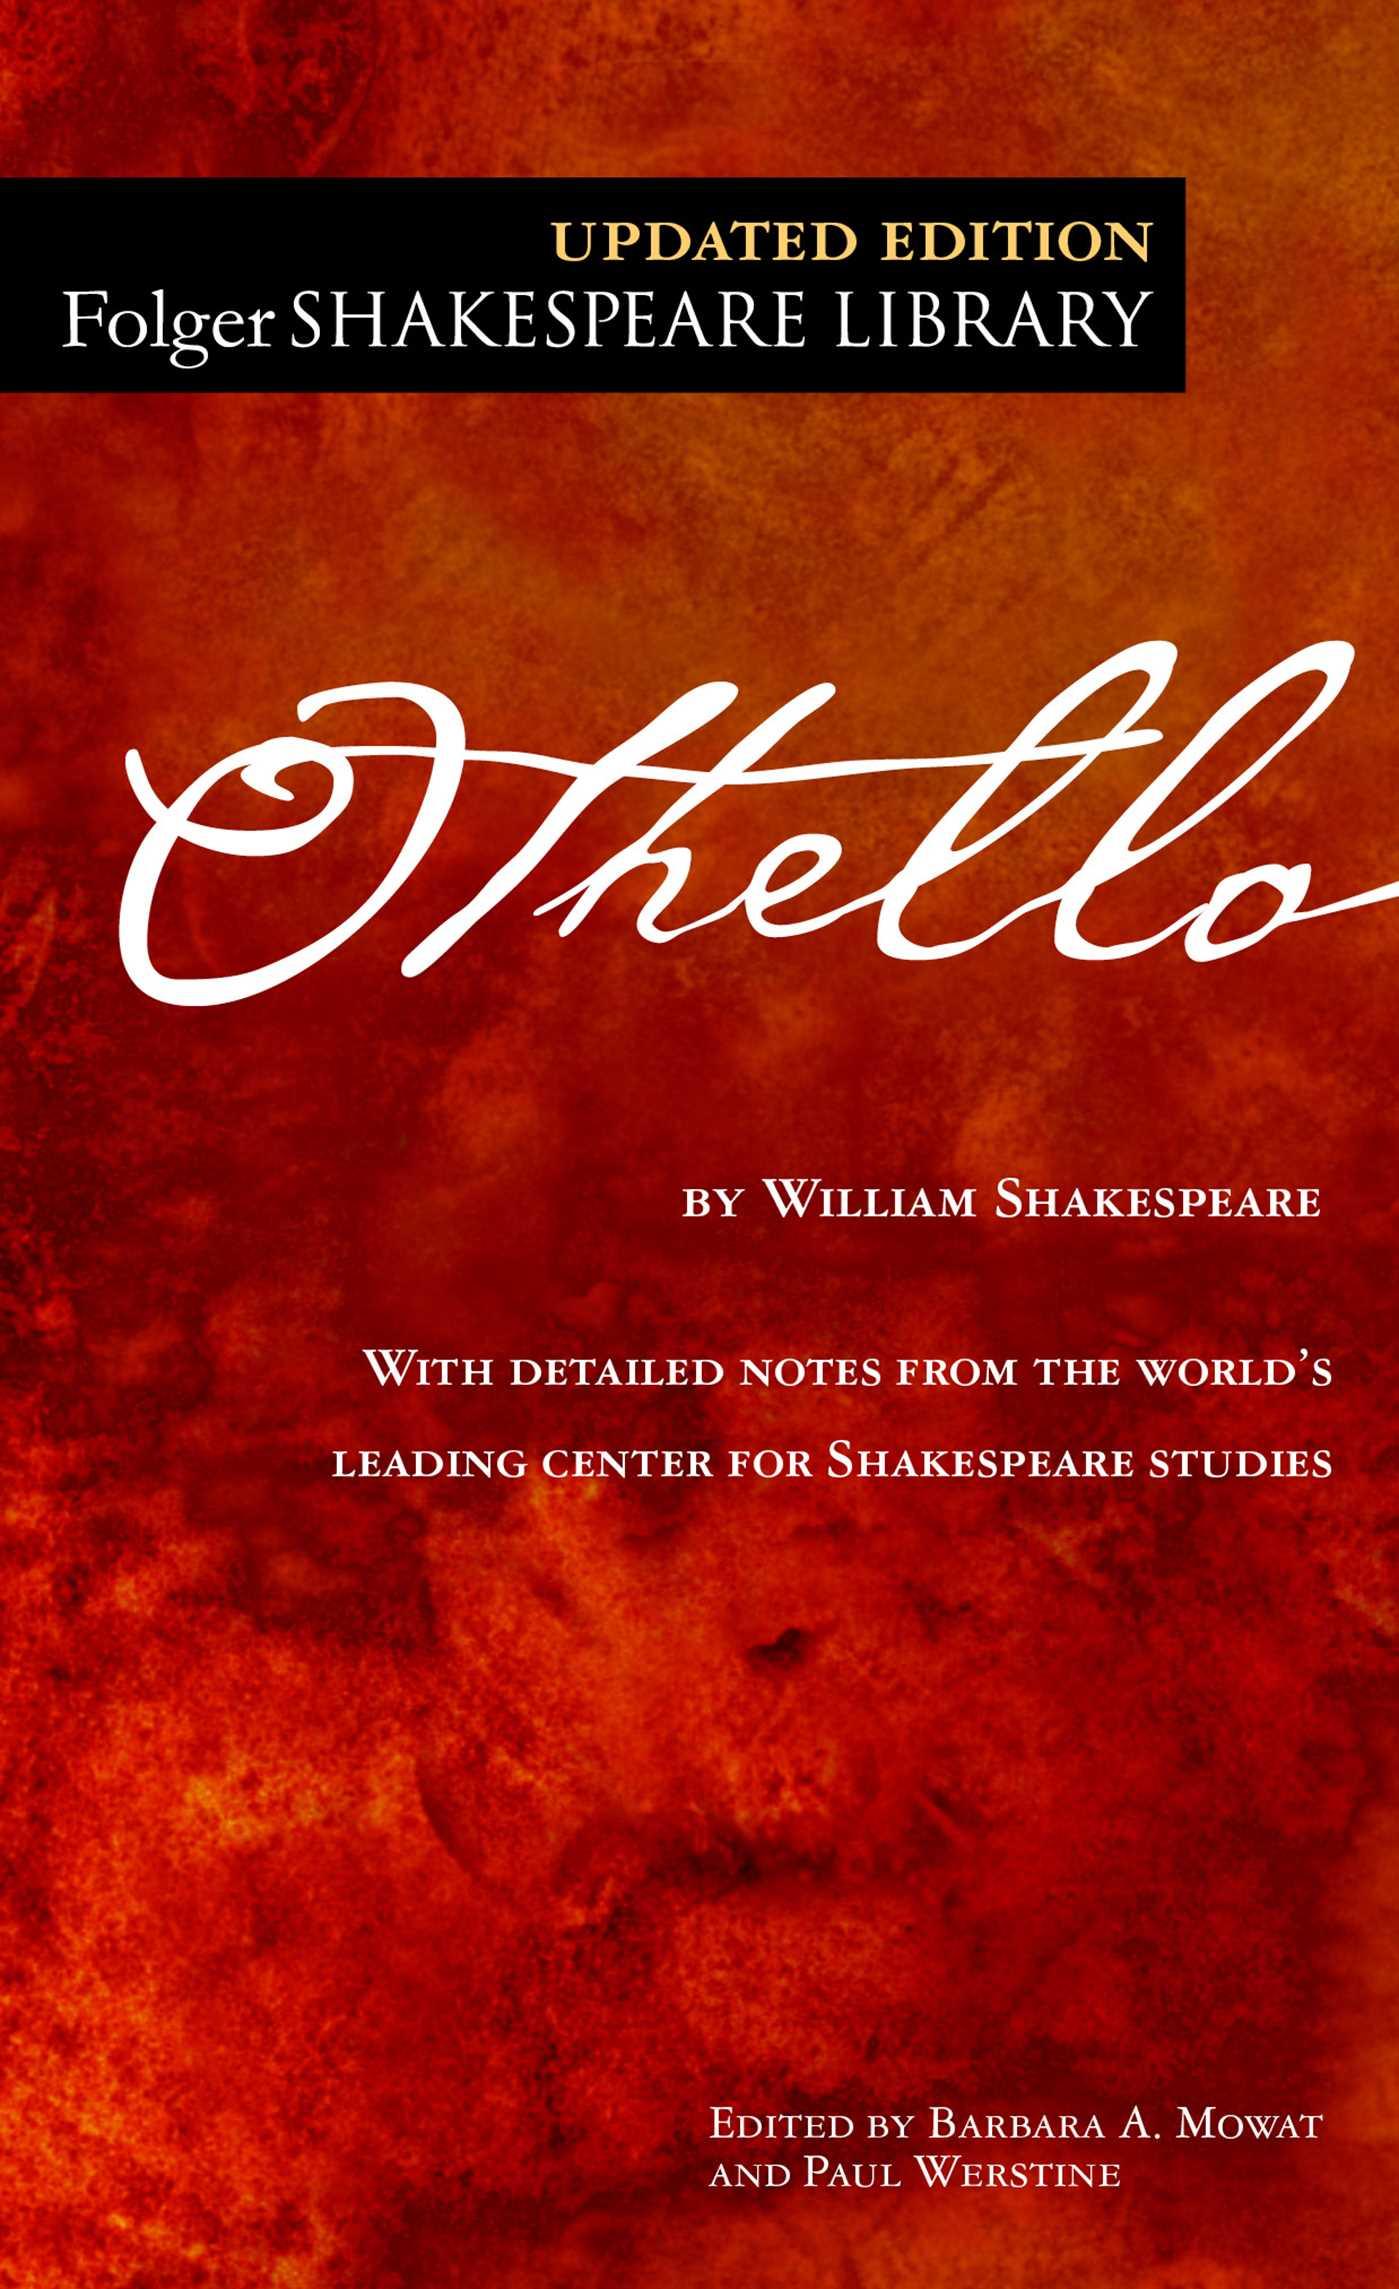 Othello 9780743477550 hr